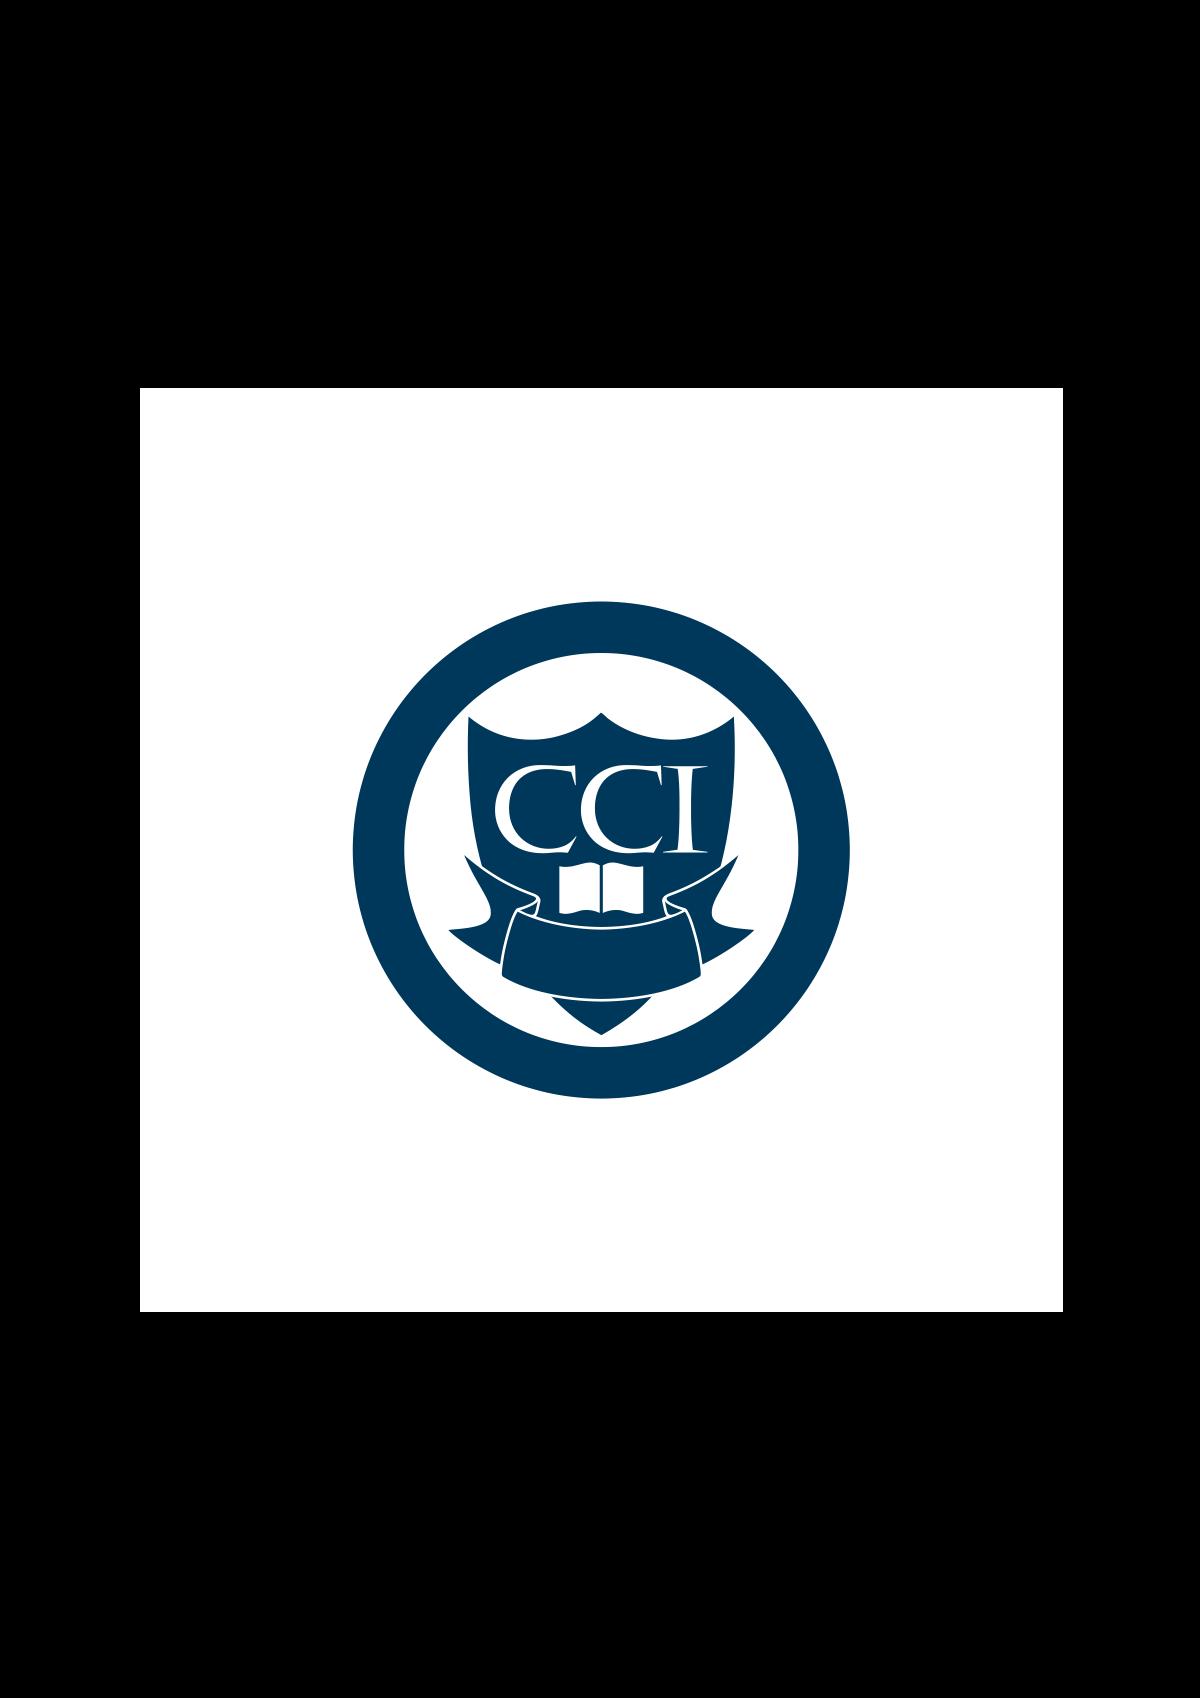 Revise CCI Logo